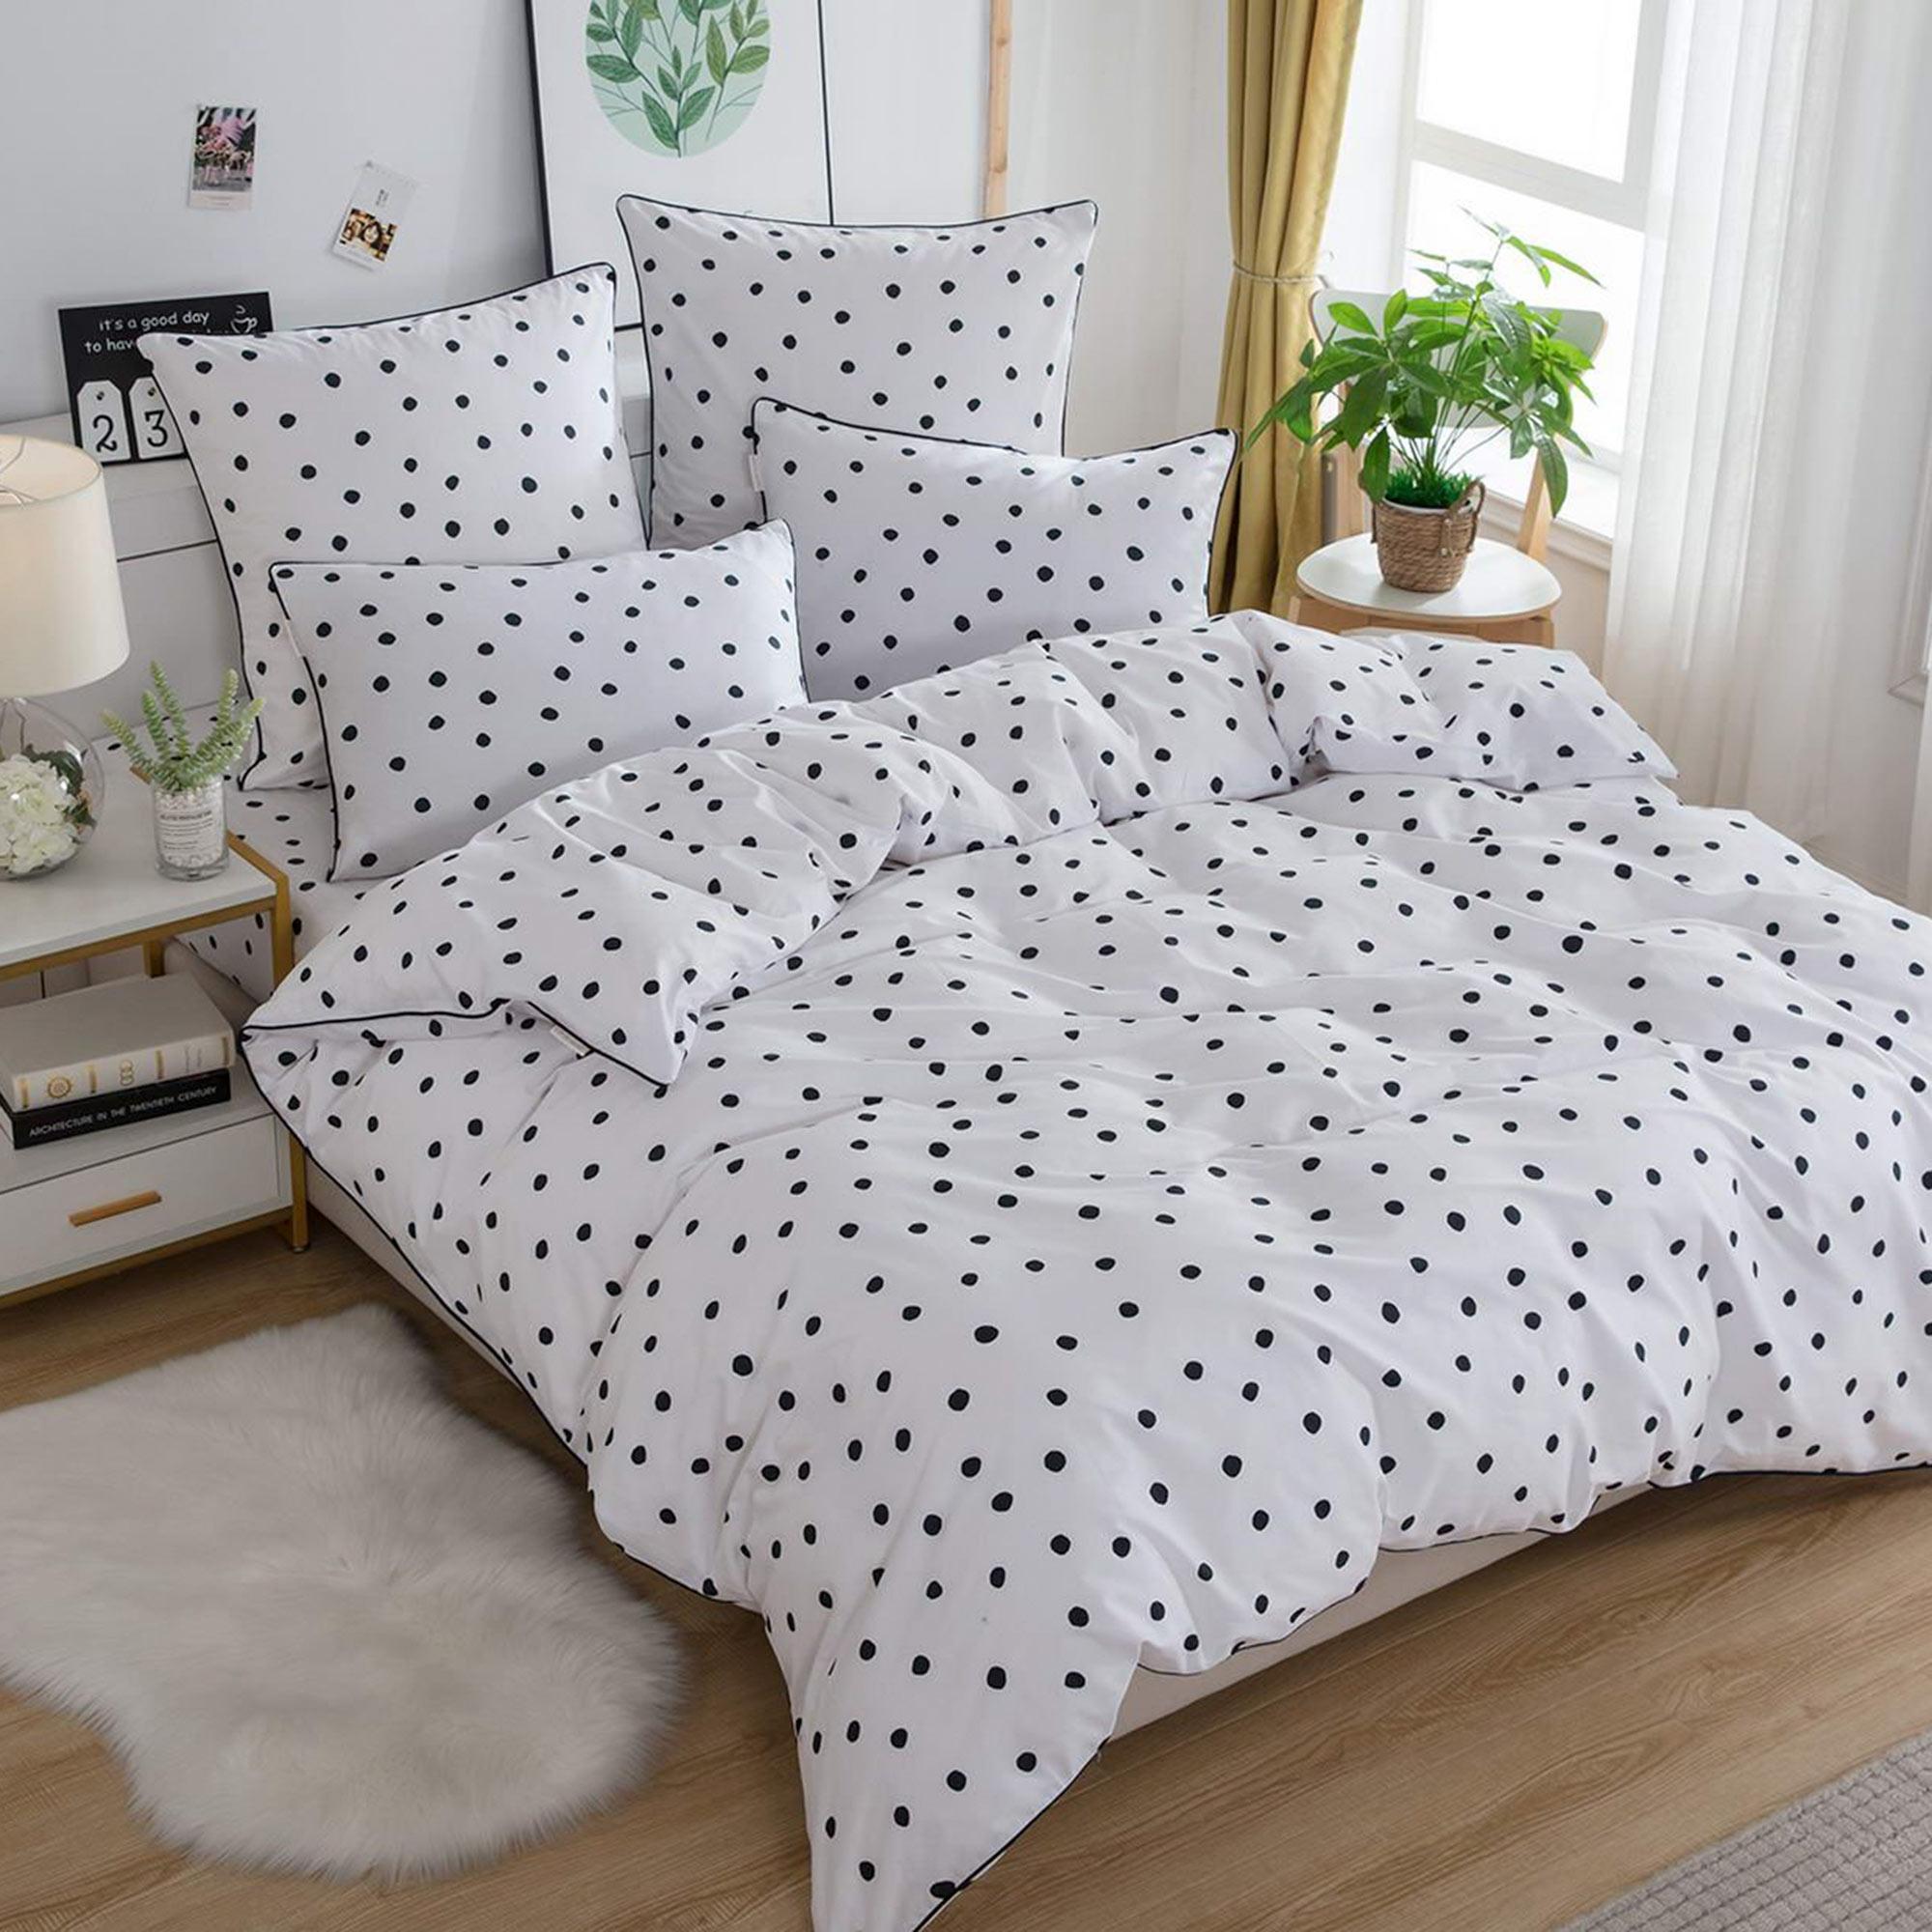 Комплект постельного белья Sofi De Marko Керри Двуспальный евро (ЕВРО-5402) недорого